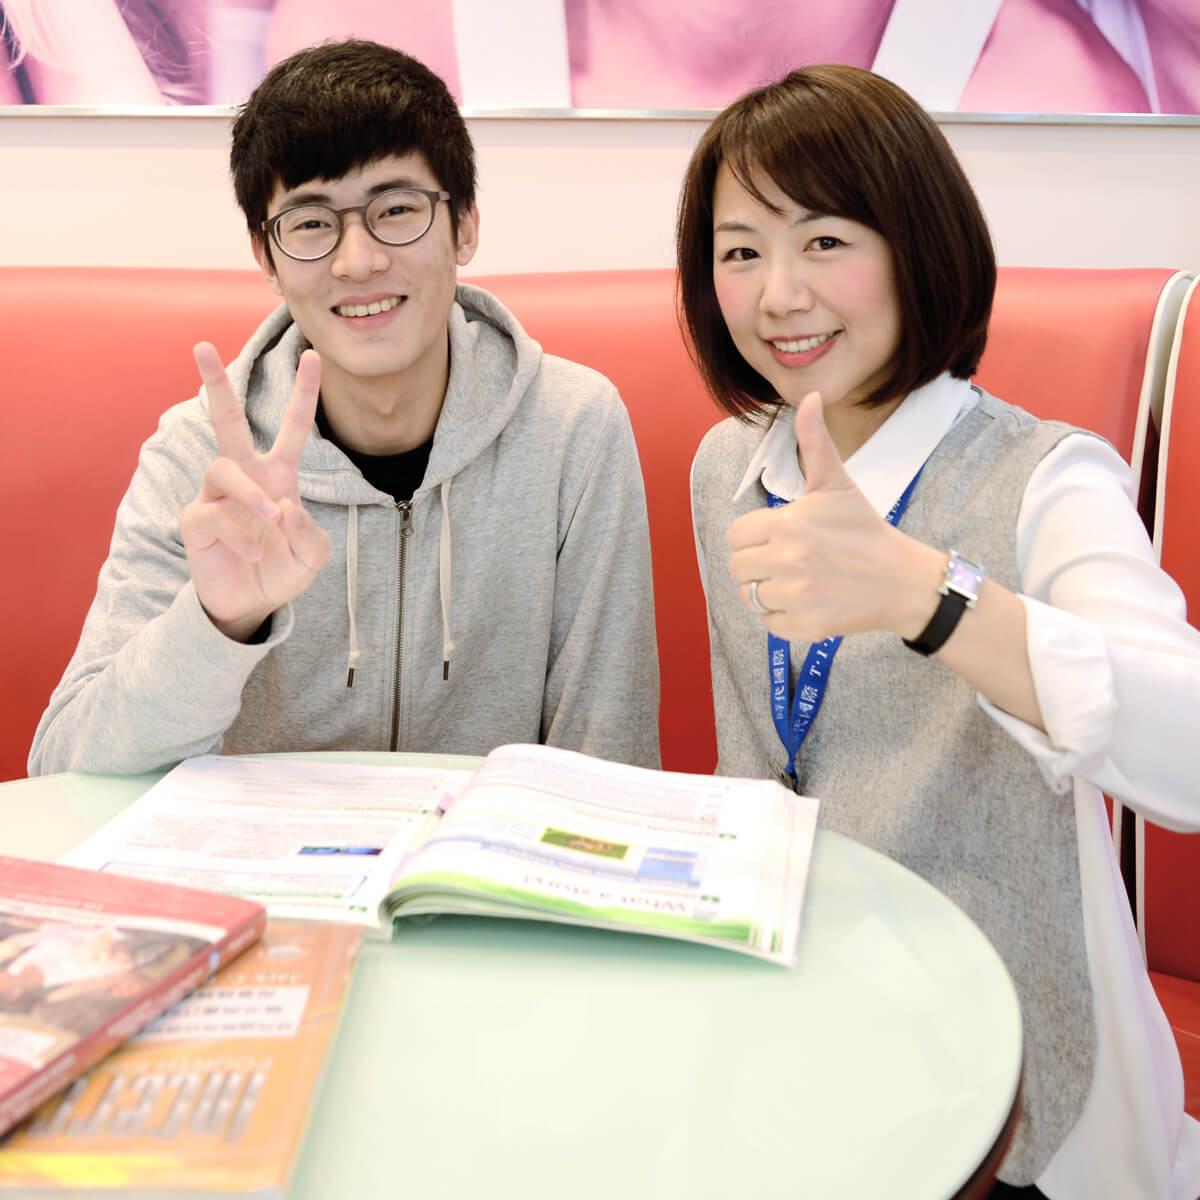 英文補習班,補英文,學英文,多益準備,多益成績